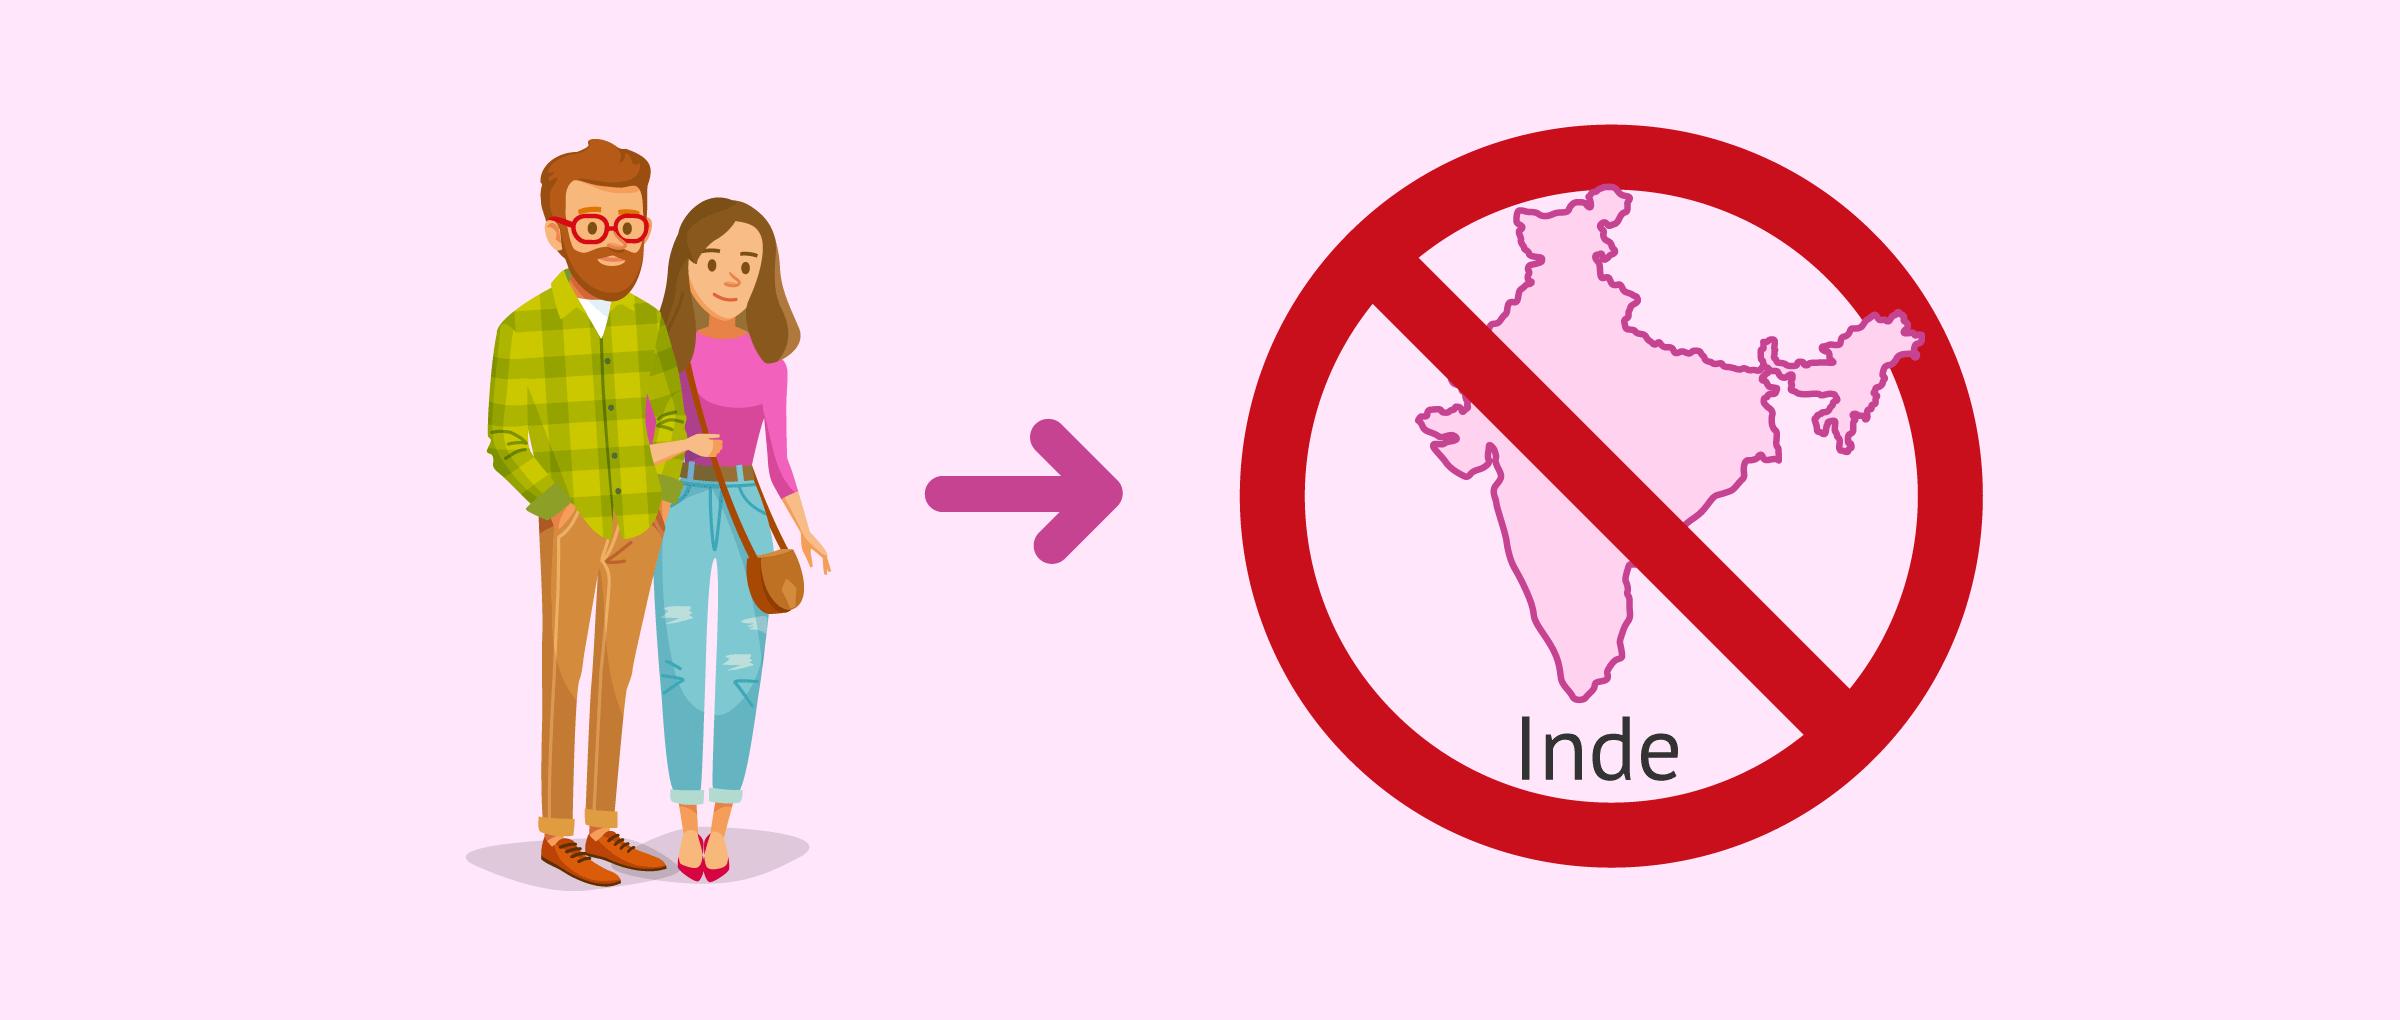 GPA interdite pour les étrangers en Inde